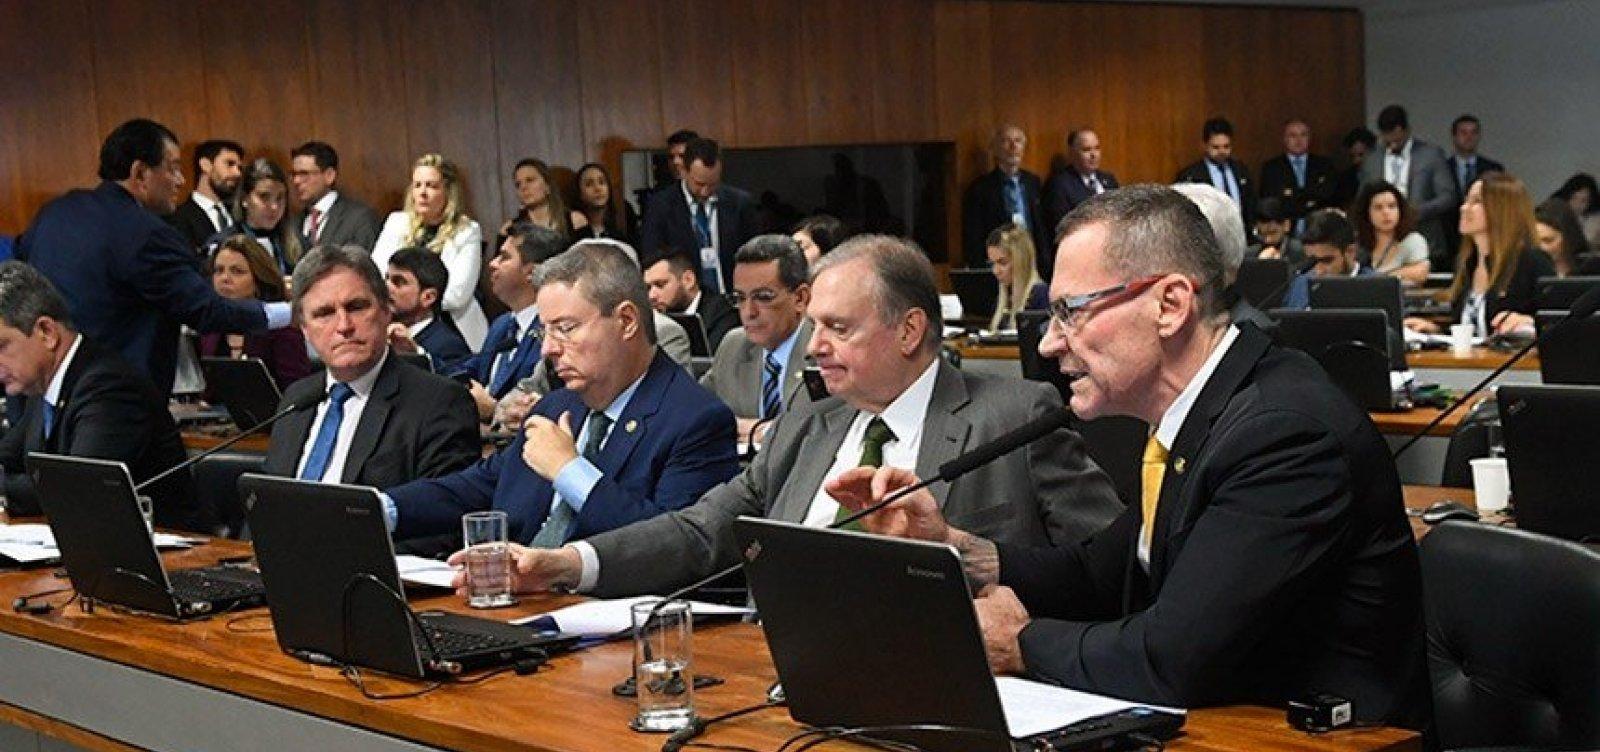 [Veículos novos vão passar por teste de impacto antes da venda, decide CCJ do Senado]